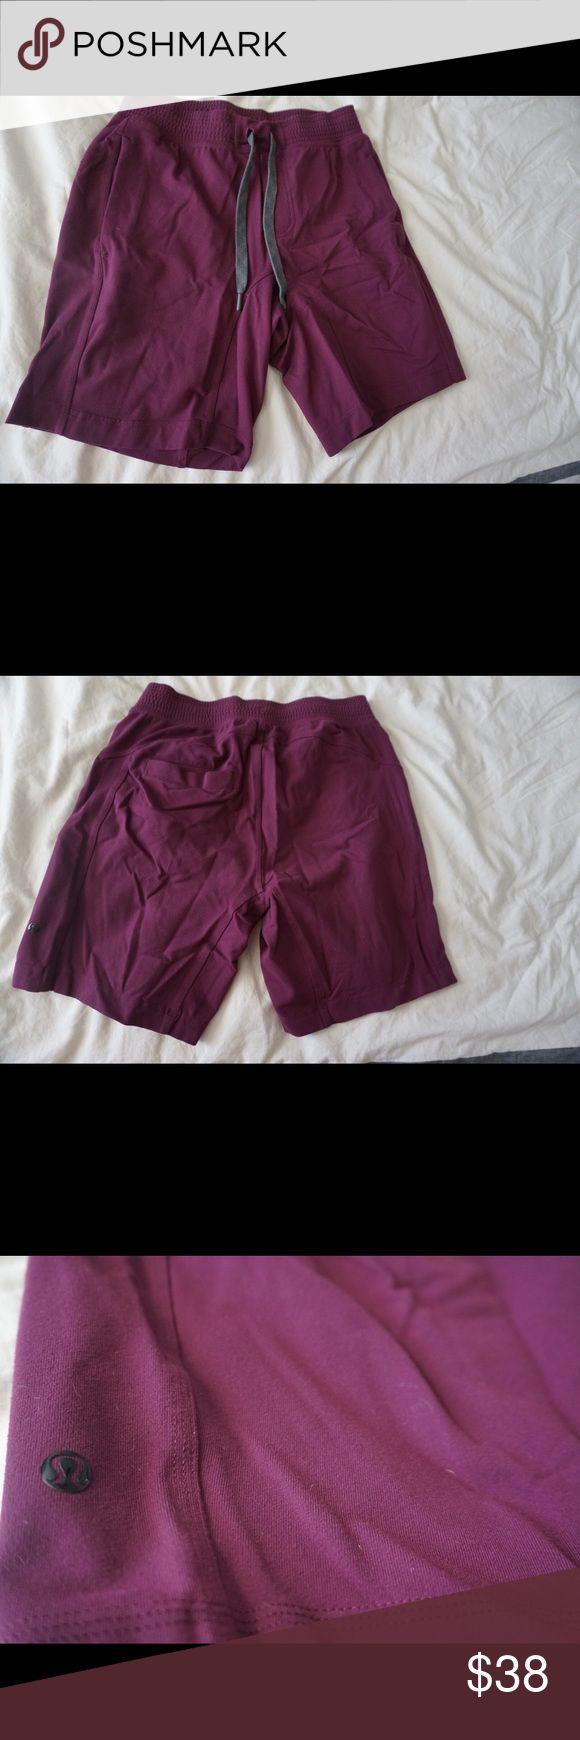 Lululemon Shorts Thicker material Maroon Shorts lululemon athletica Shorts Athletic